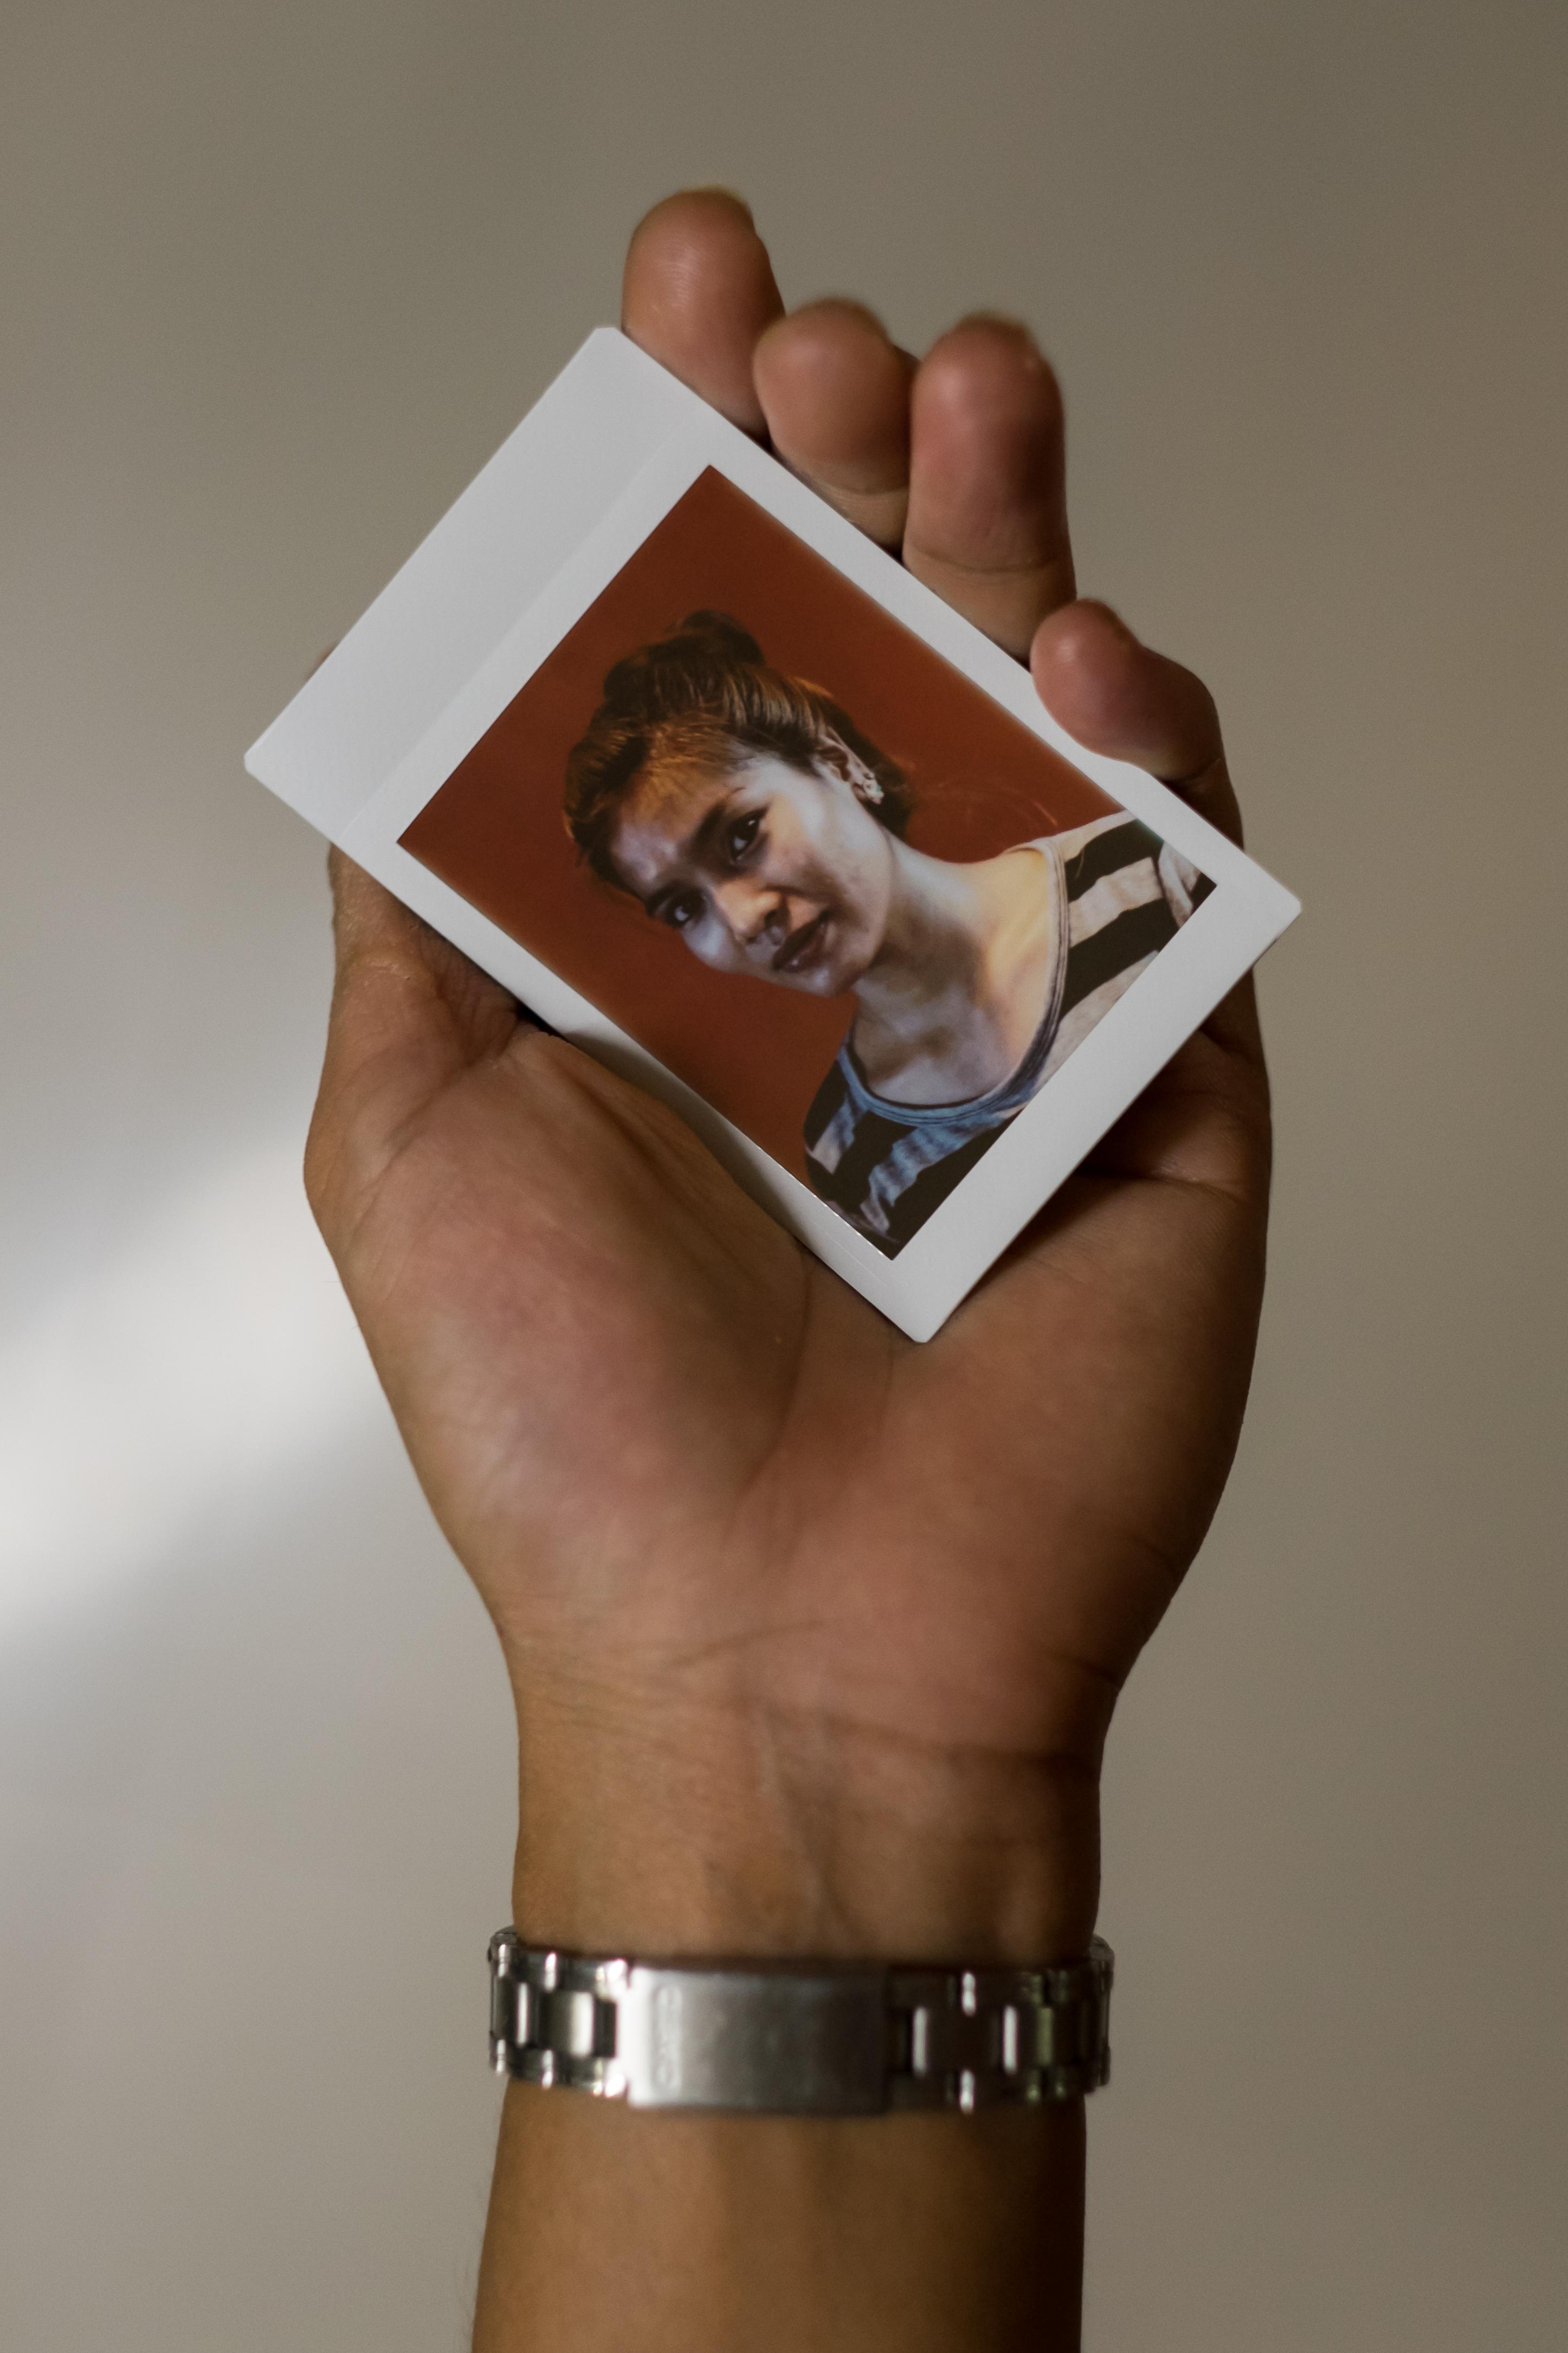 Olivier Bourget portrait dans la main-132